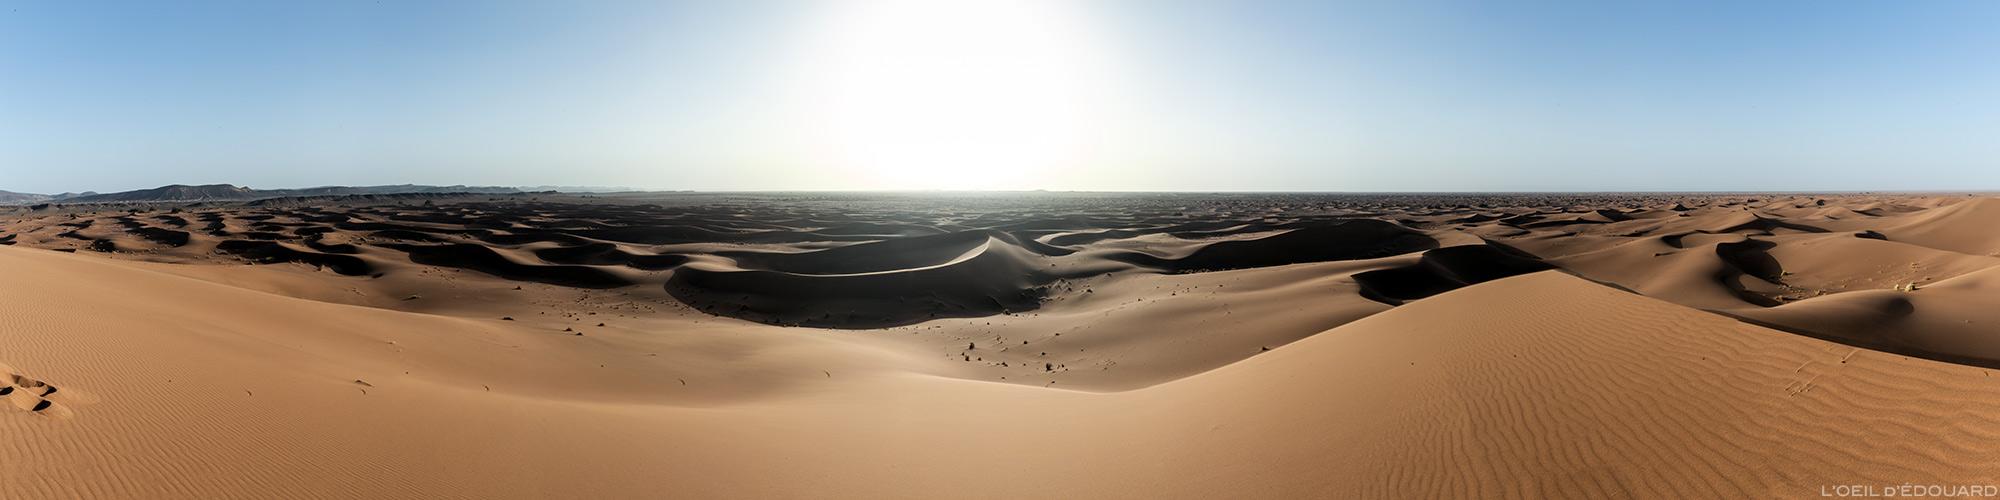 Pôr do sol nas dunas do deserto marroquino